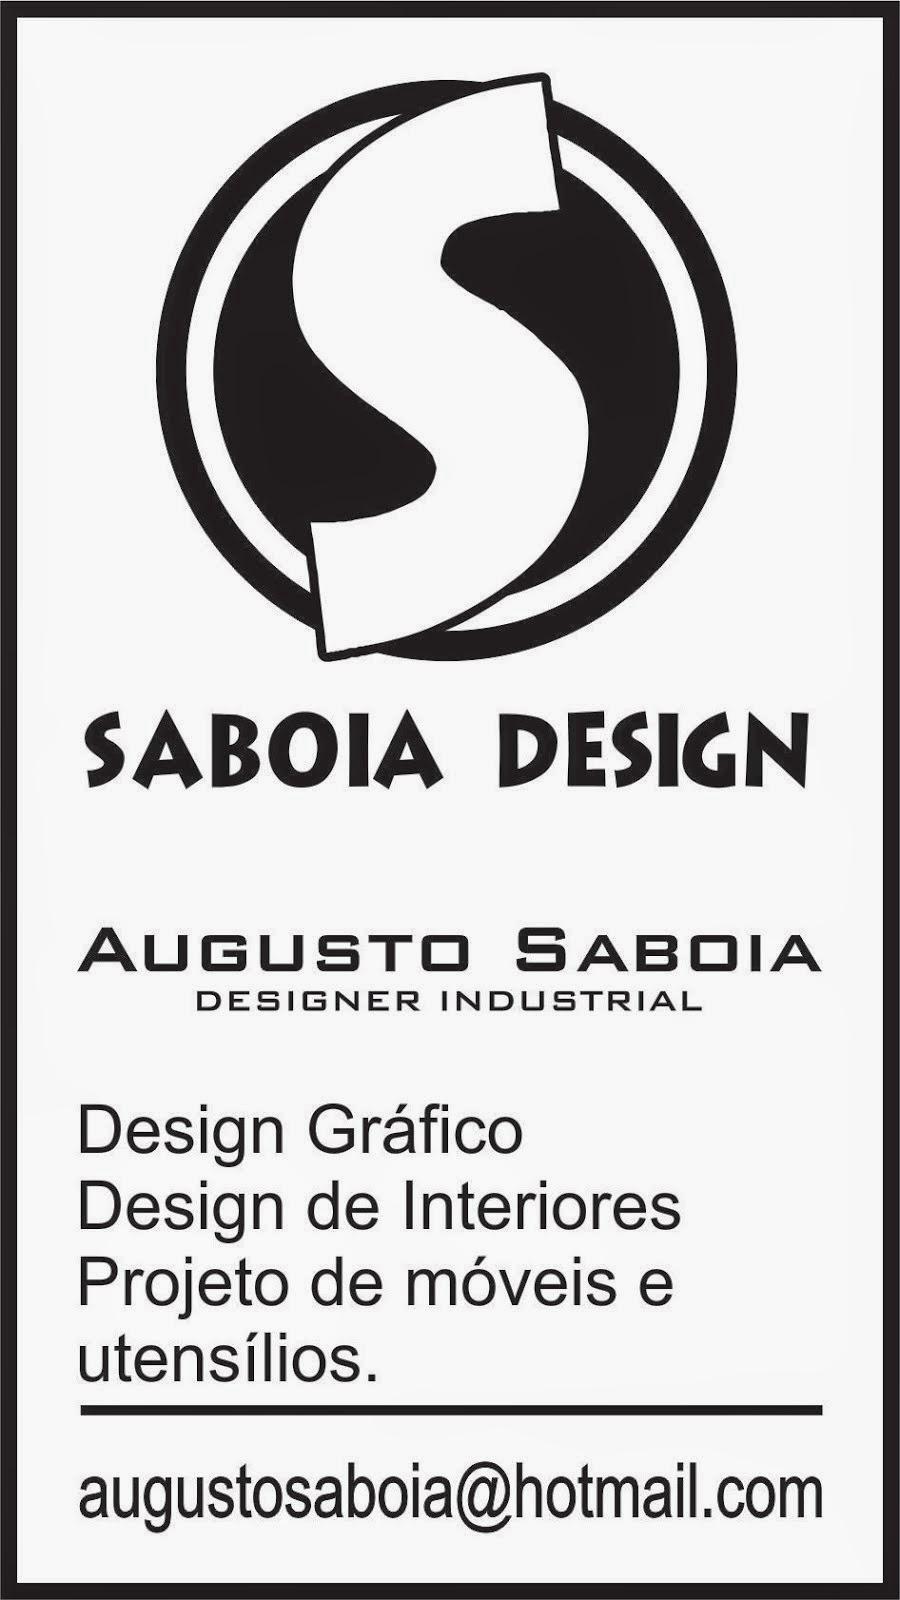 Saboia Design